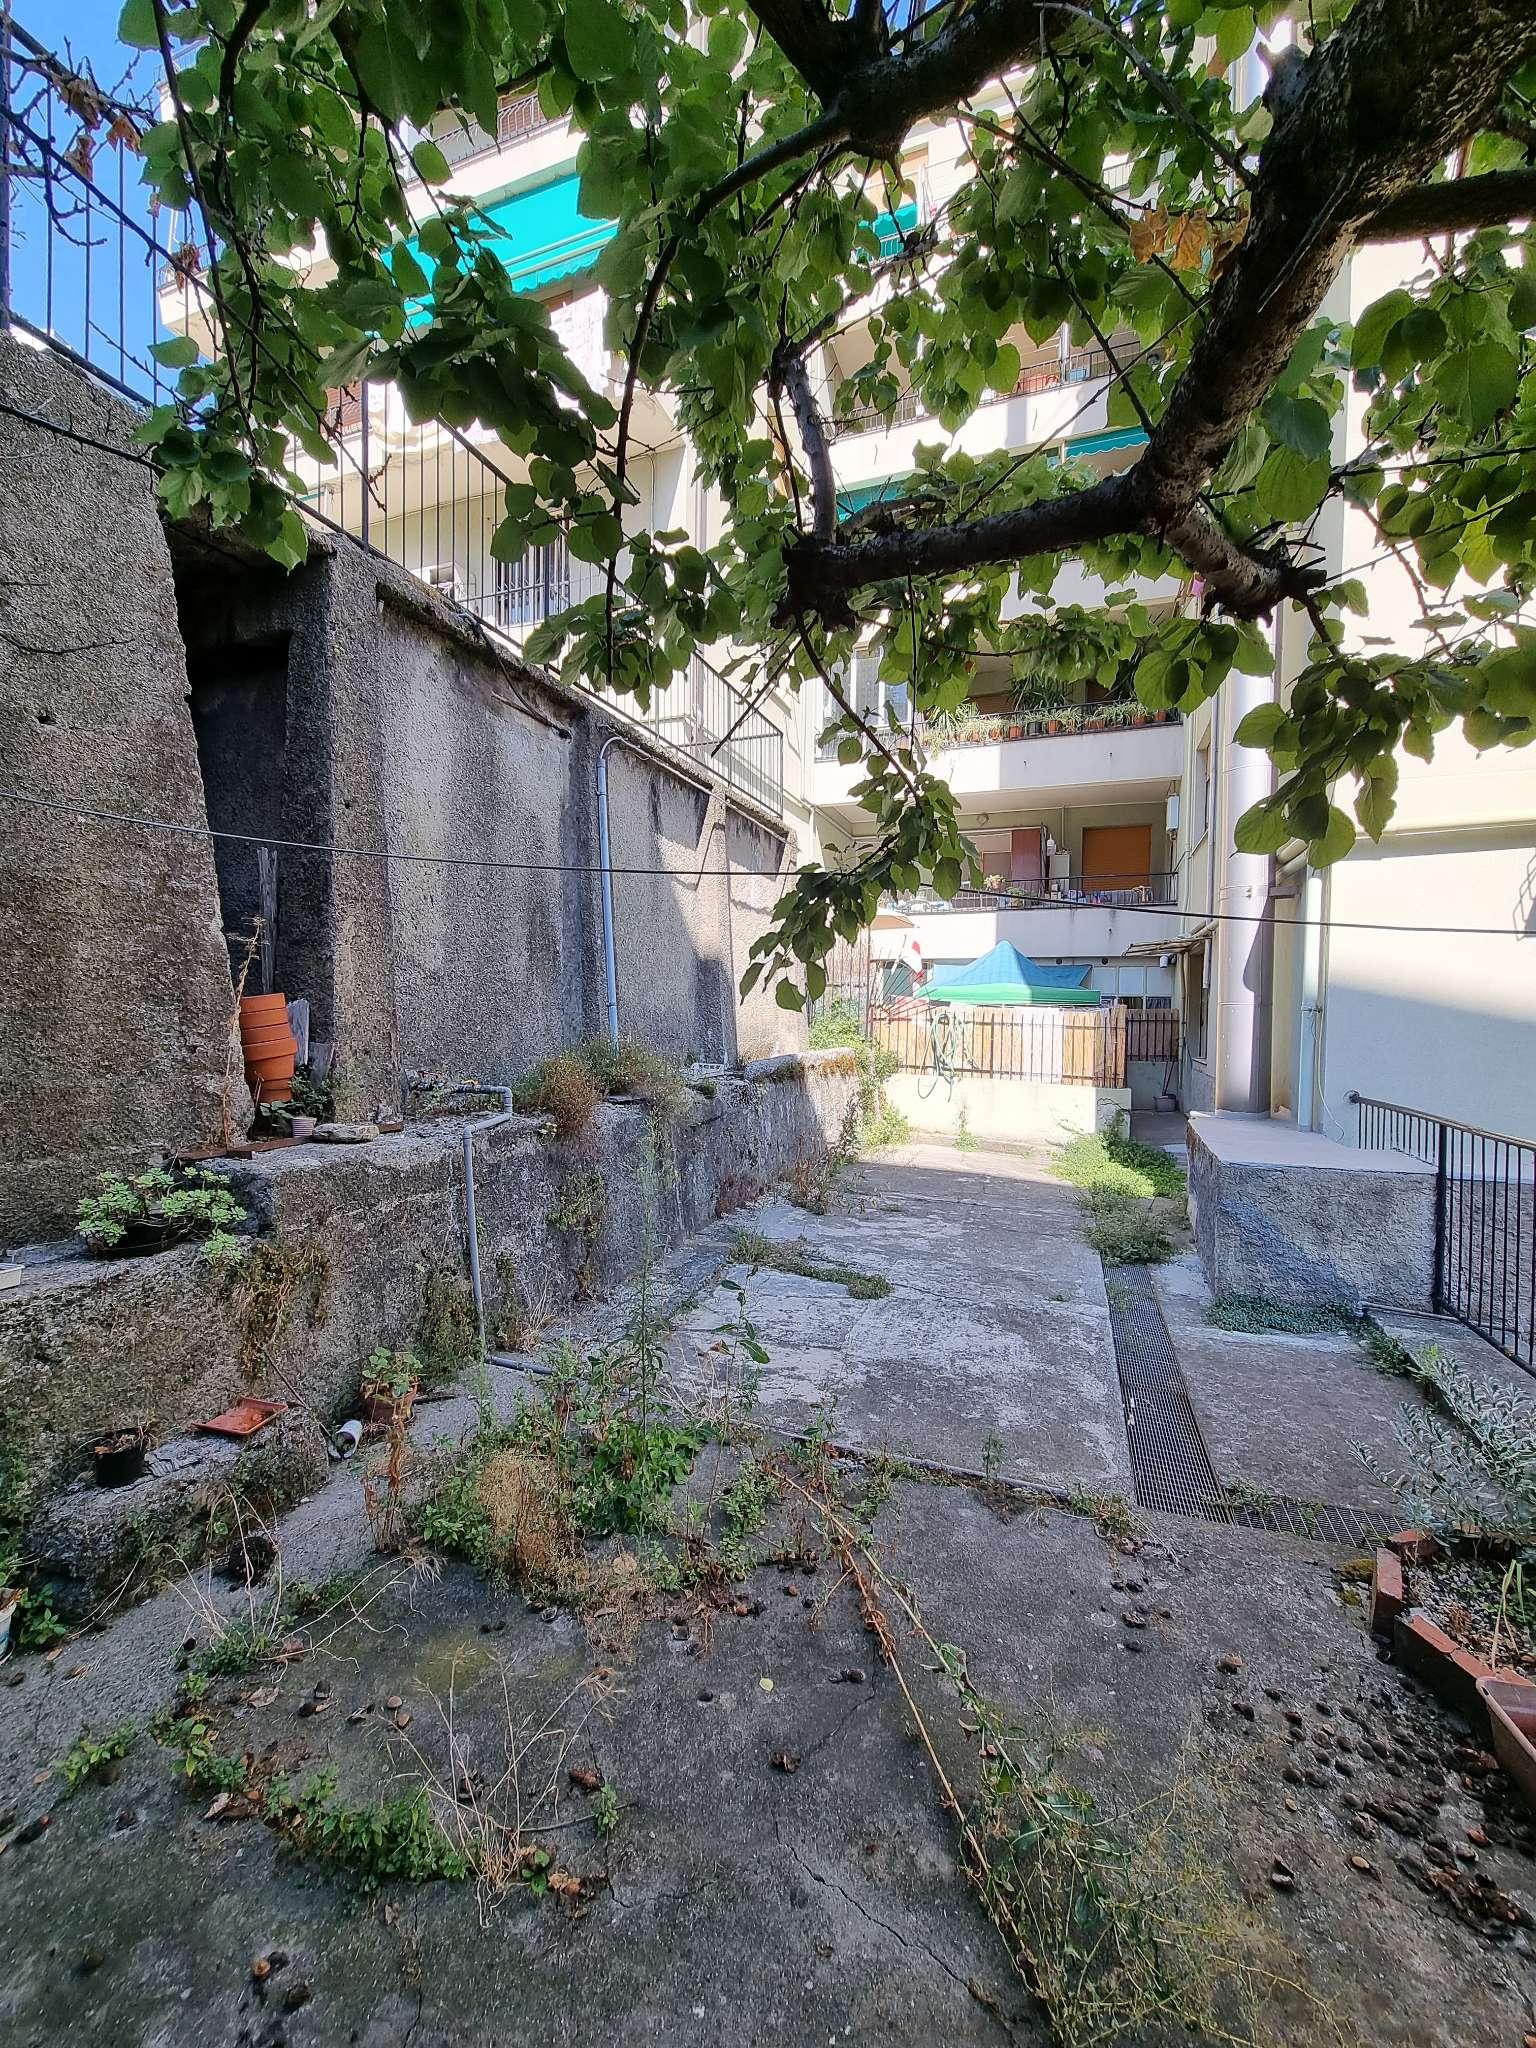 Appartamento in vendita a Genova, 2 locali, prezzo € 35.000 | PortaleAgenzieImmobiliari.it